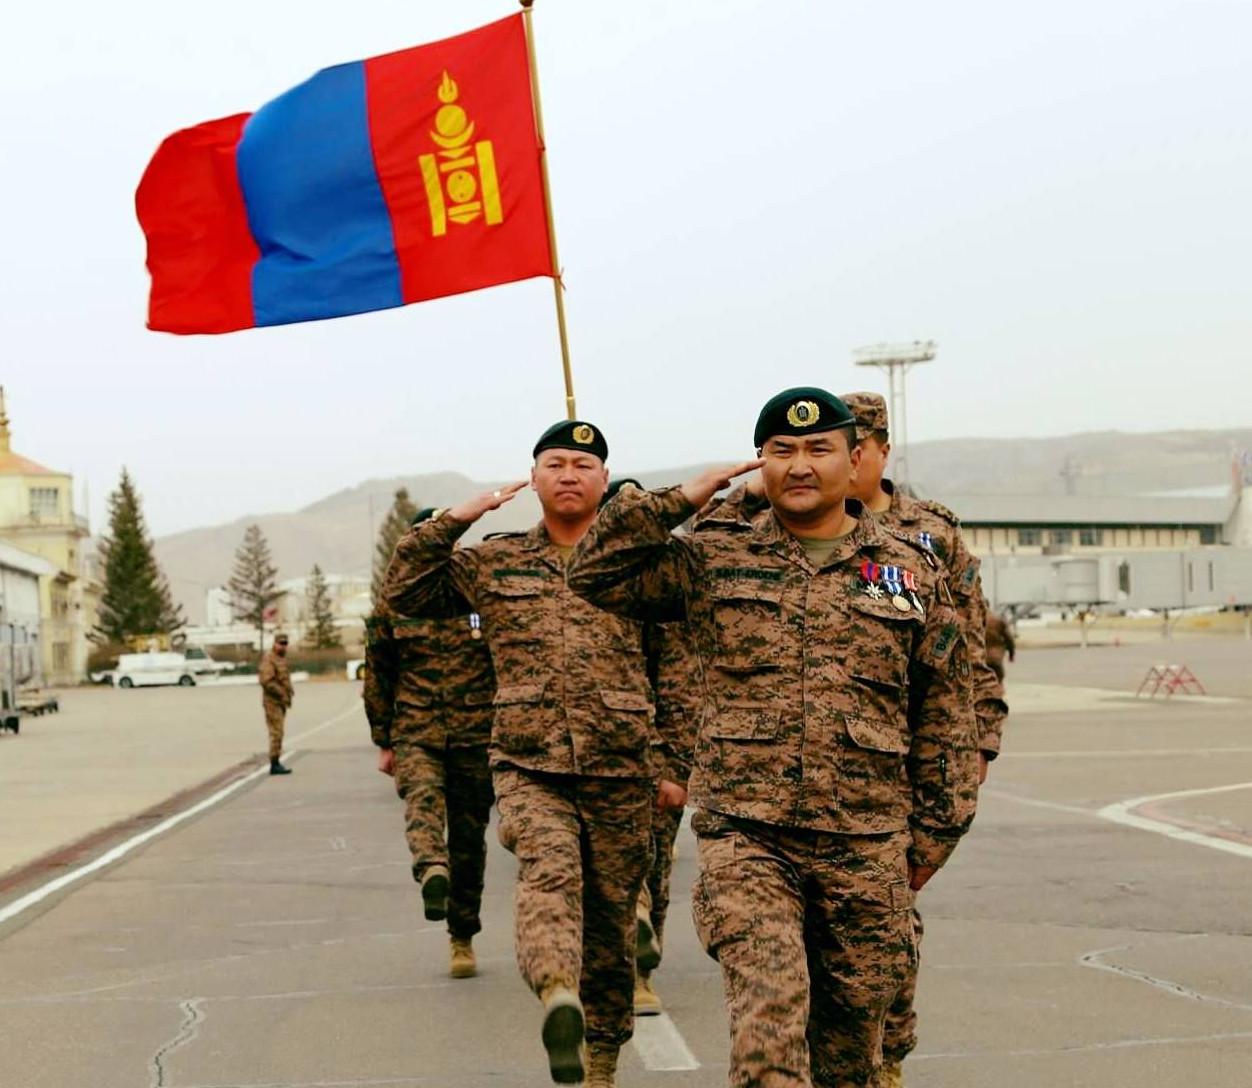 Данкон маршийн тэмцээнд монгол цэргүүд эхний 40 байрыг эзэлжээ